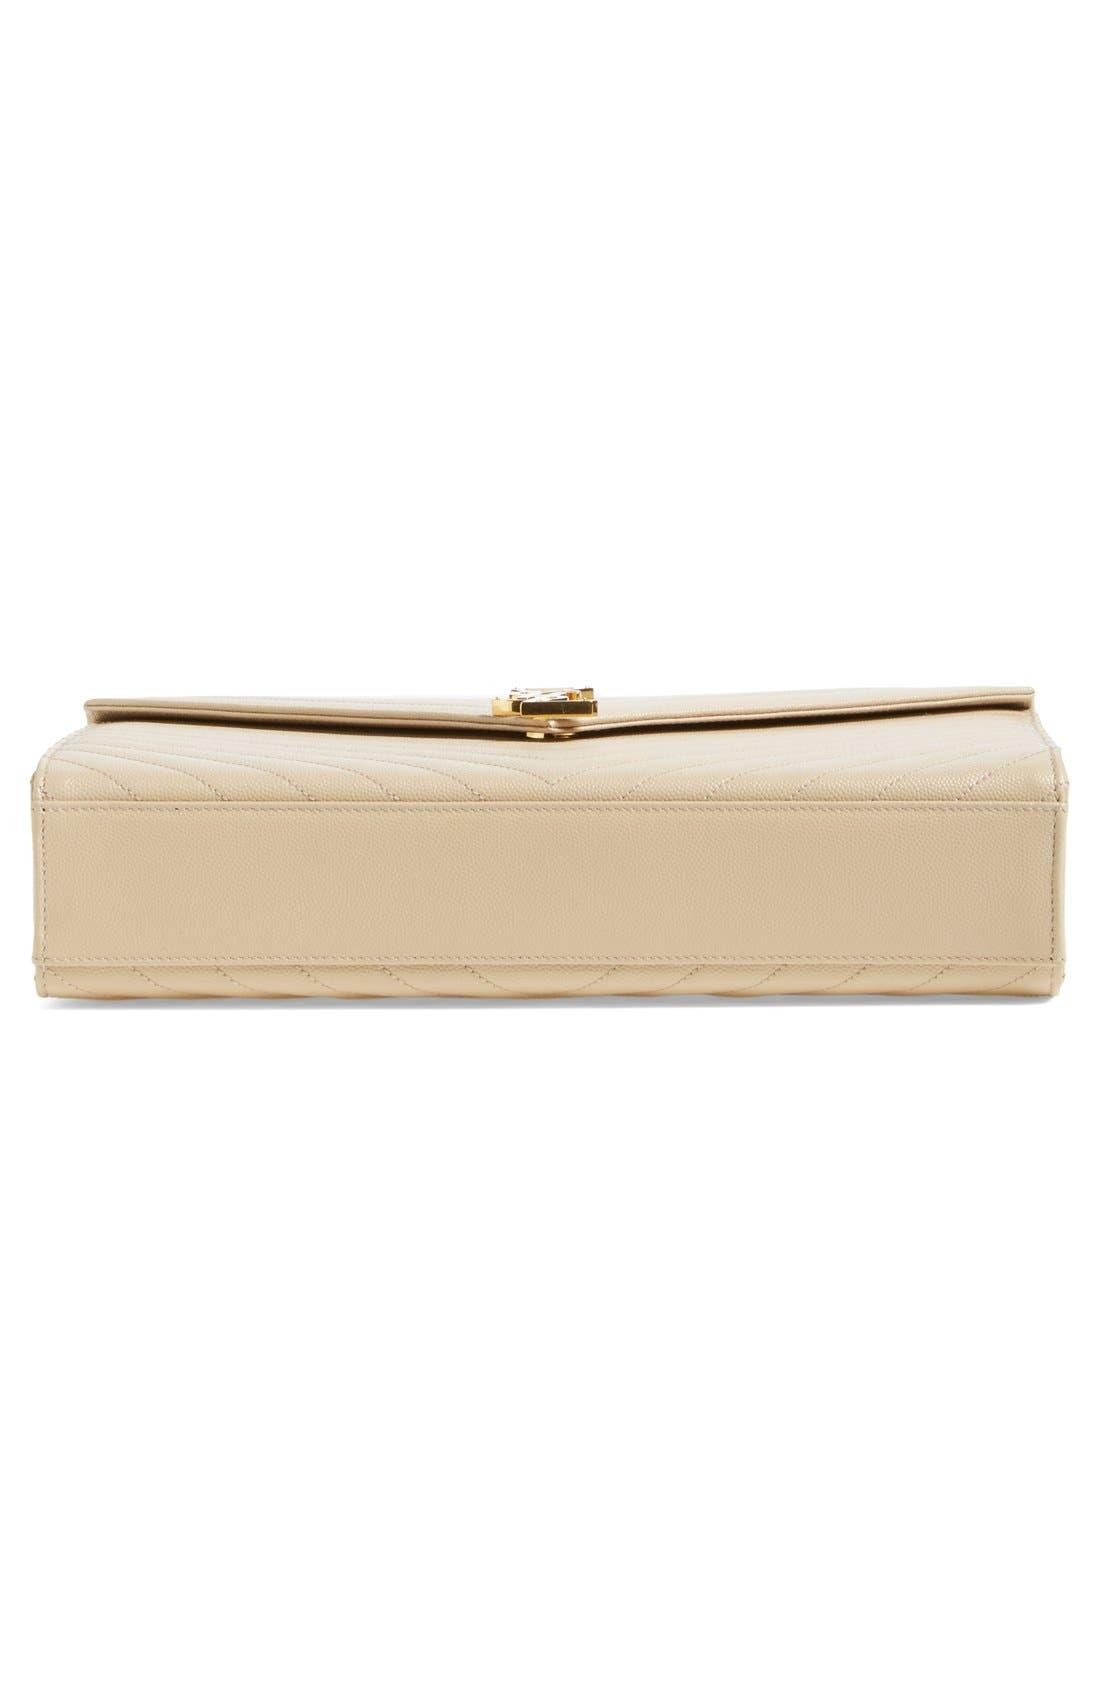 SAINT LAURENT, 'Large Monogram' Grained Leather Shoulder Bag, Alternate thumbnail 6, color, 251